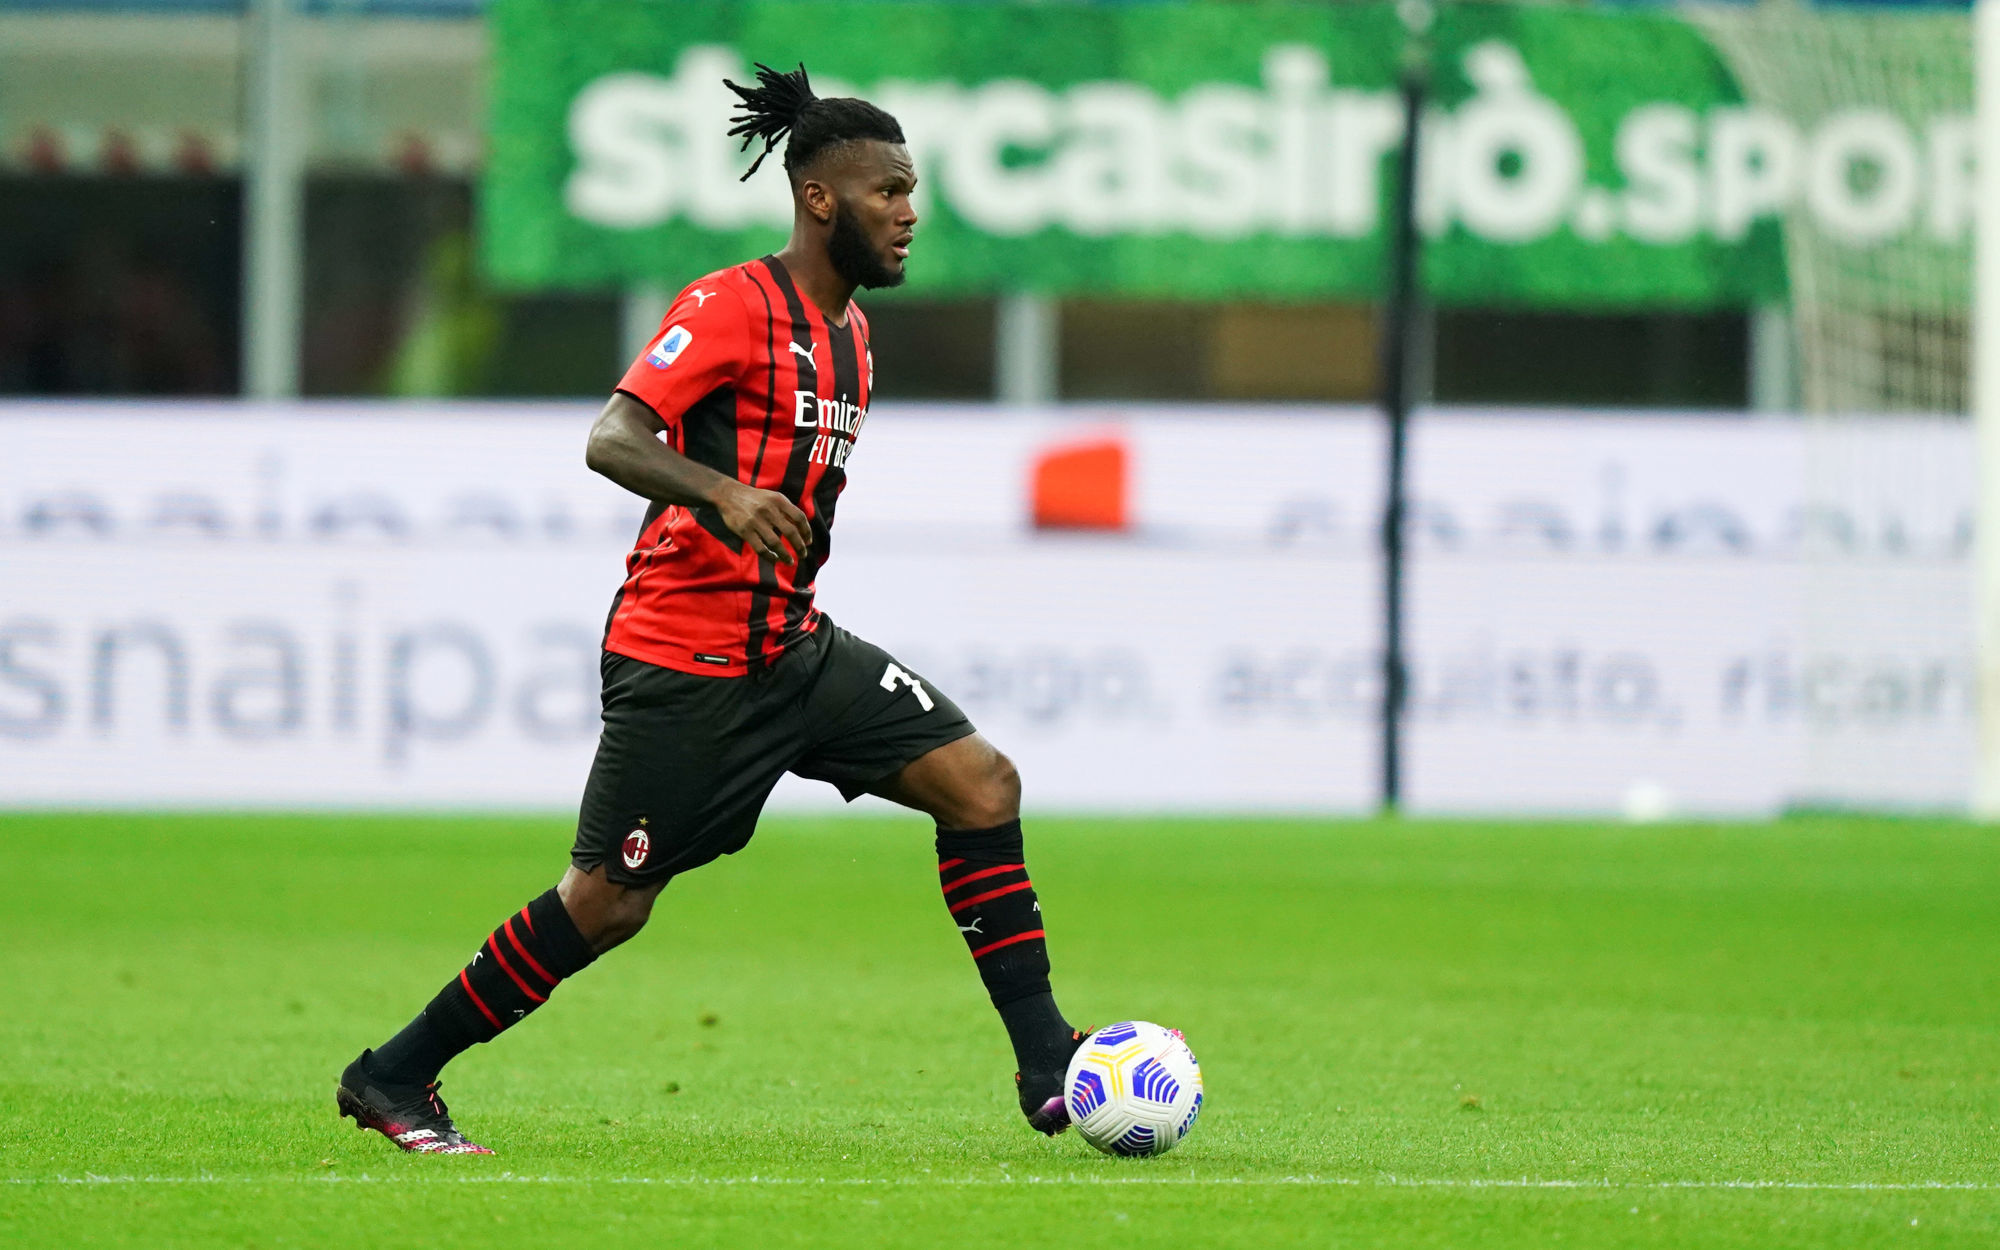 Mercato - Le PSG a lancé les discussions pour Kessié, confirme Foot Mercato